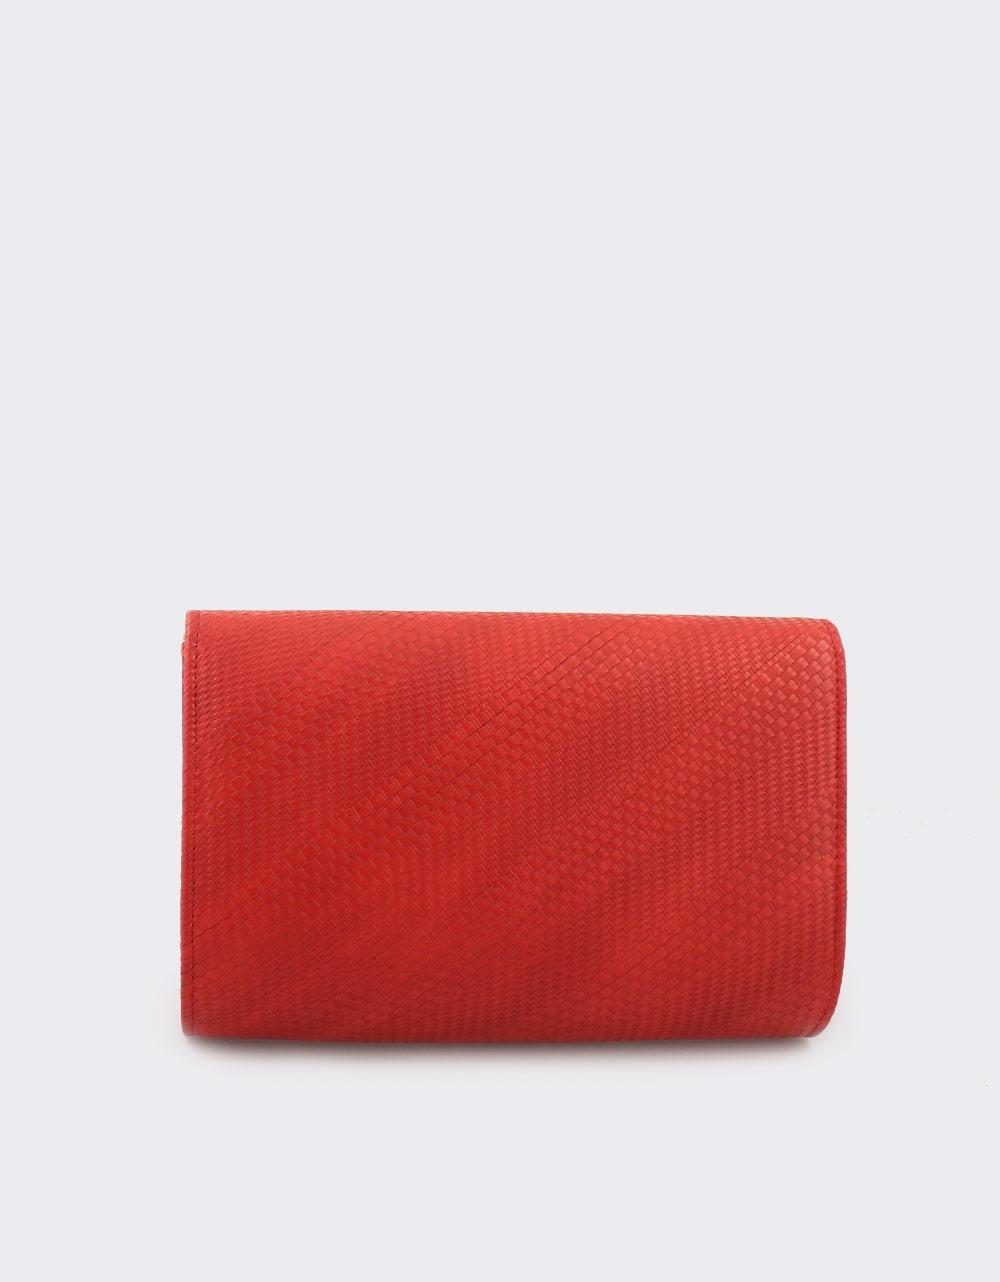 Εικόνα από Γυναικείοι φάκελοι με πλεκτό μοτίβο Κόκκινο